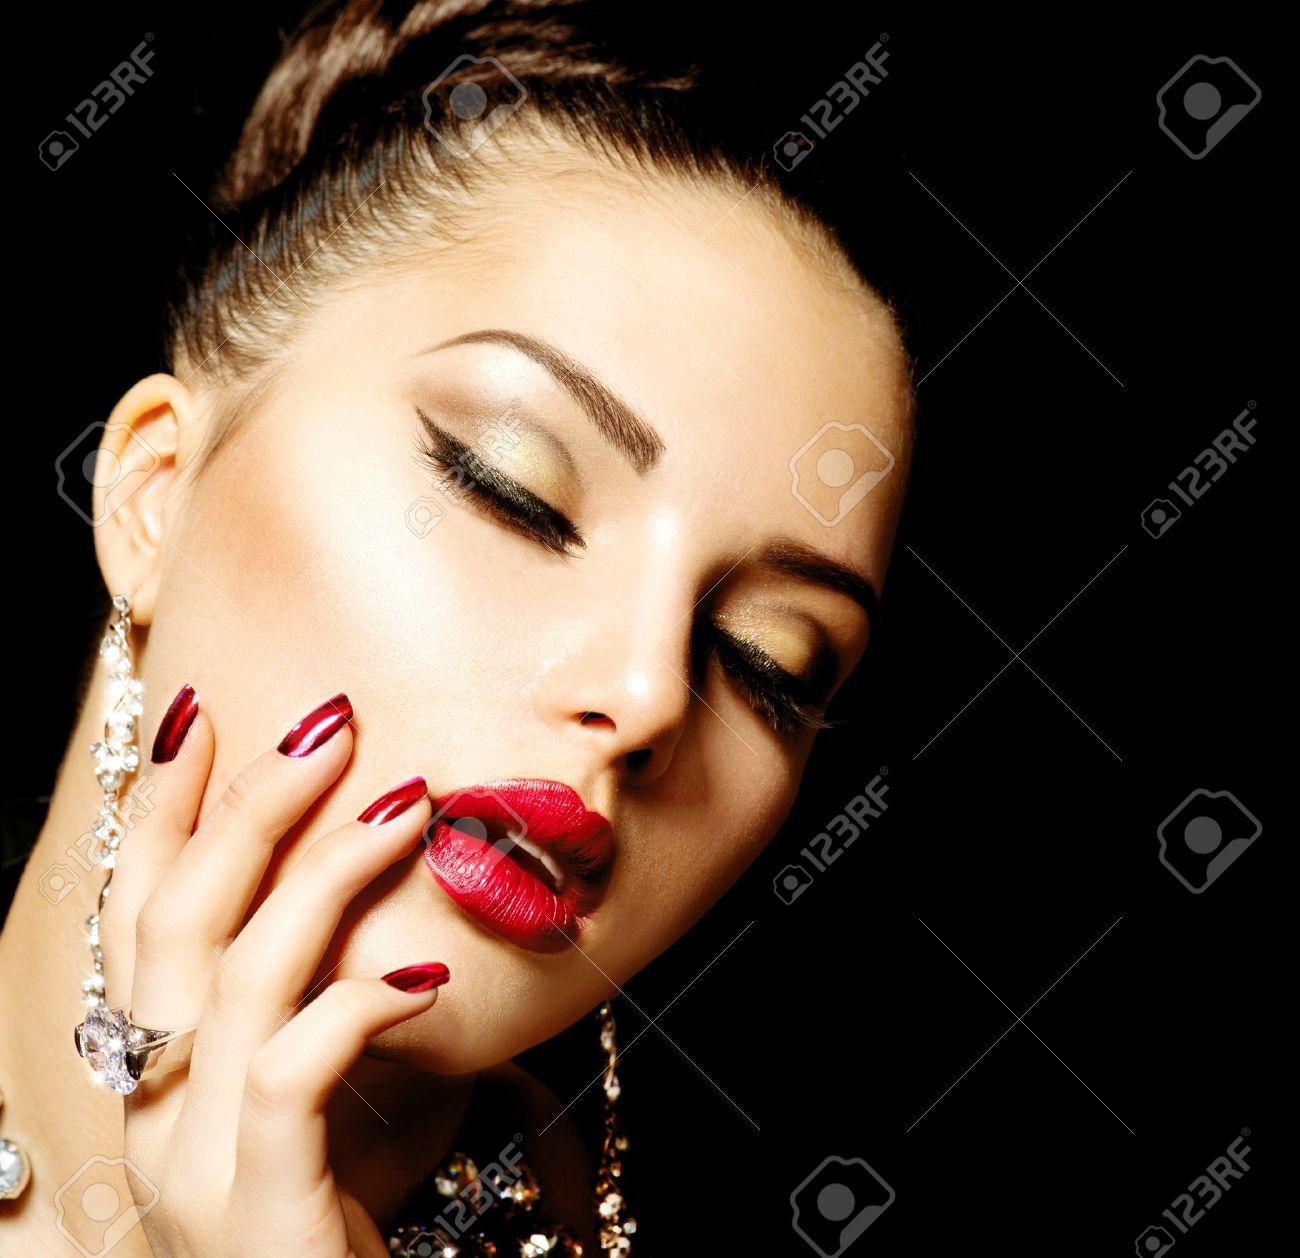 Fashion Beauty  Manicure and Make-up Stock Photo - 18690601